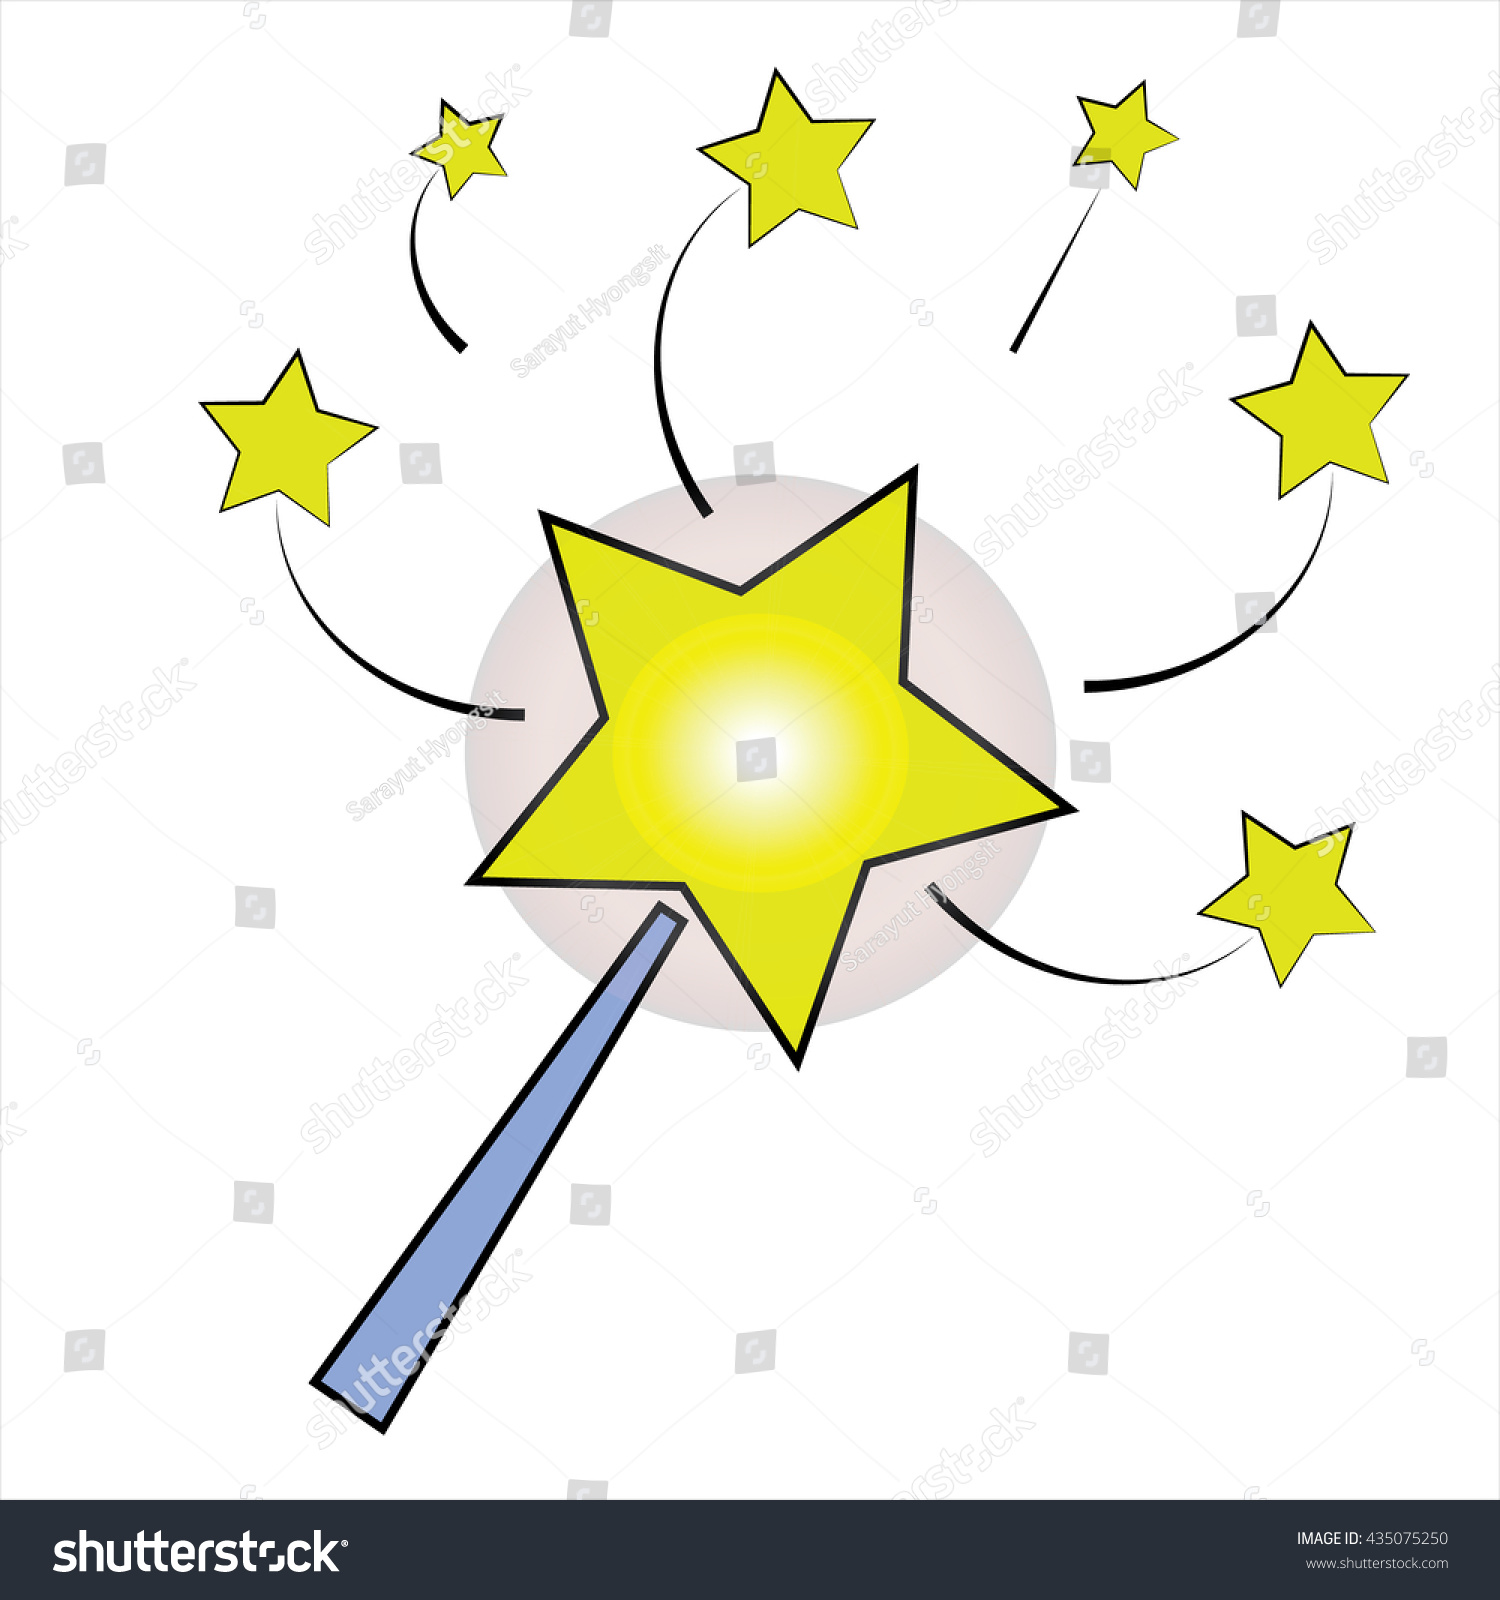 Magic Icon Stock Vector 435075250 - Shutterstock